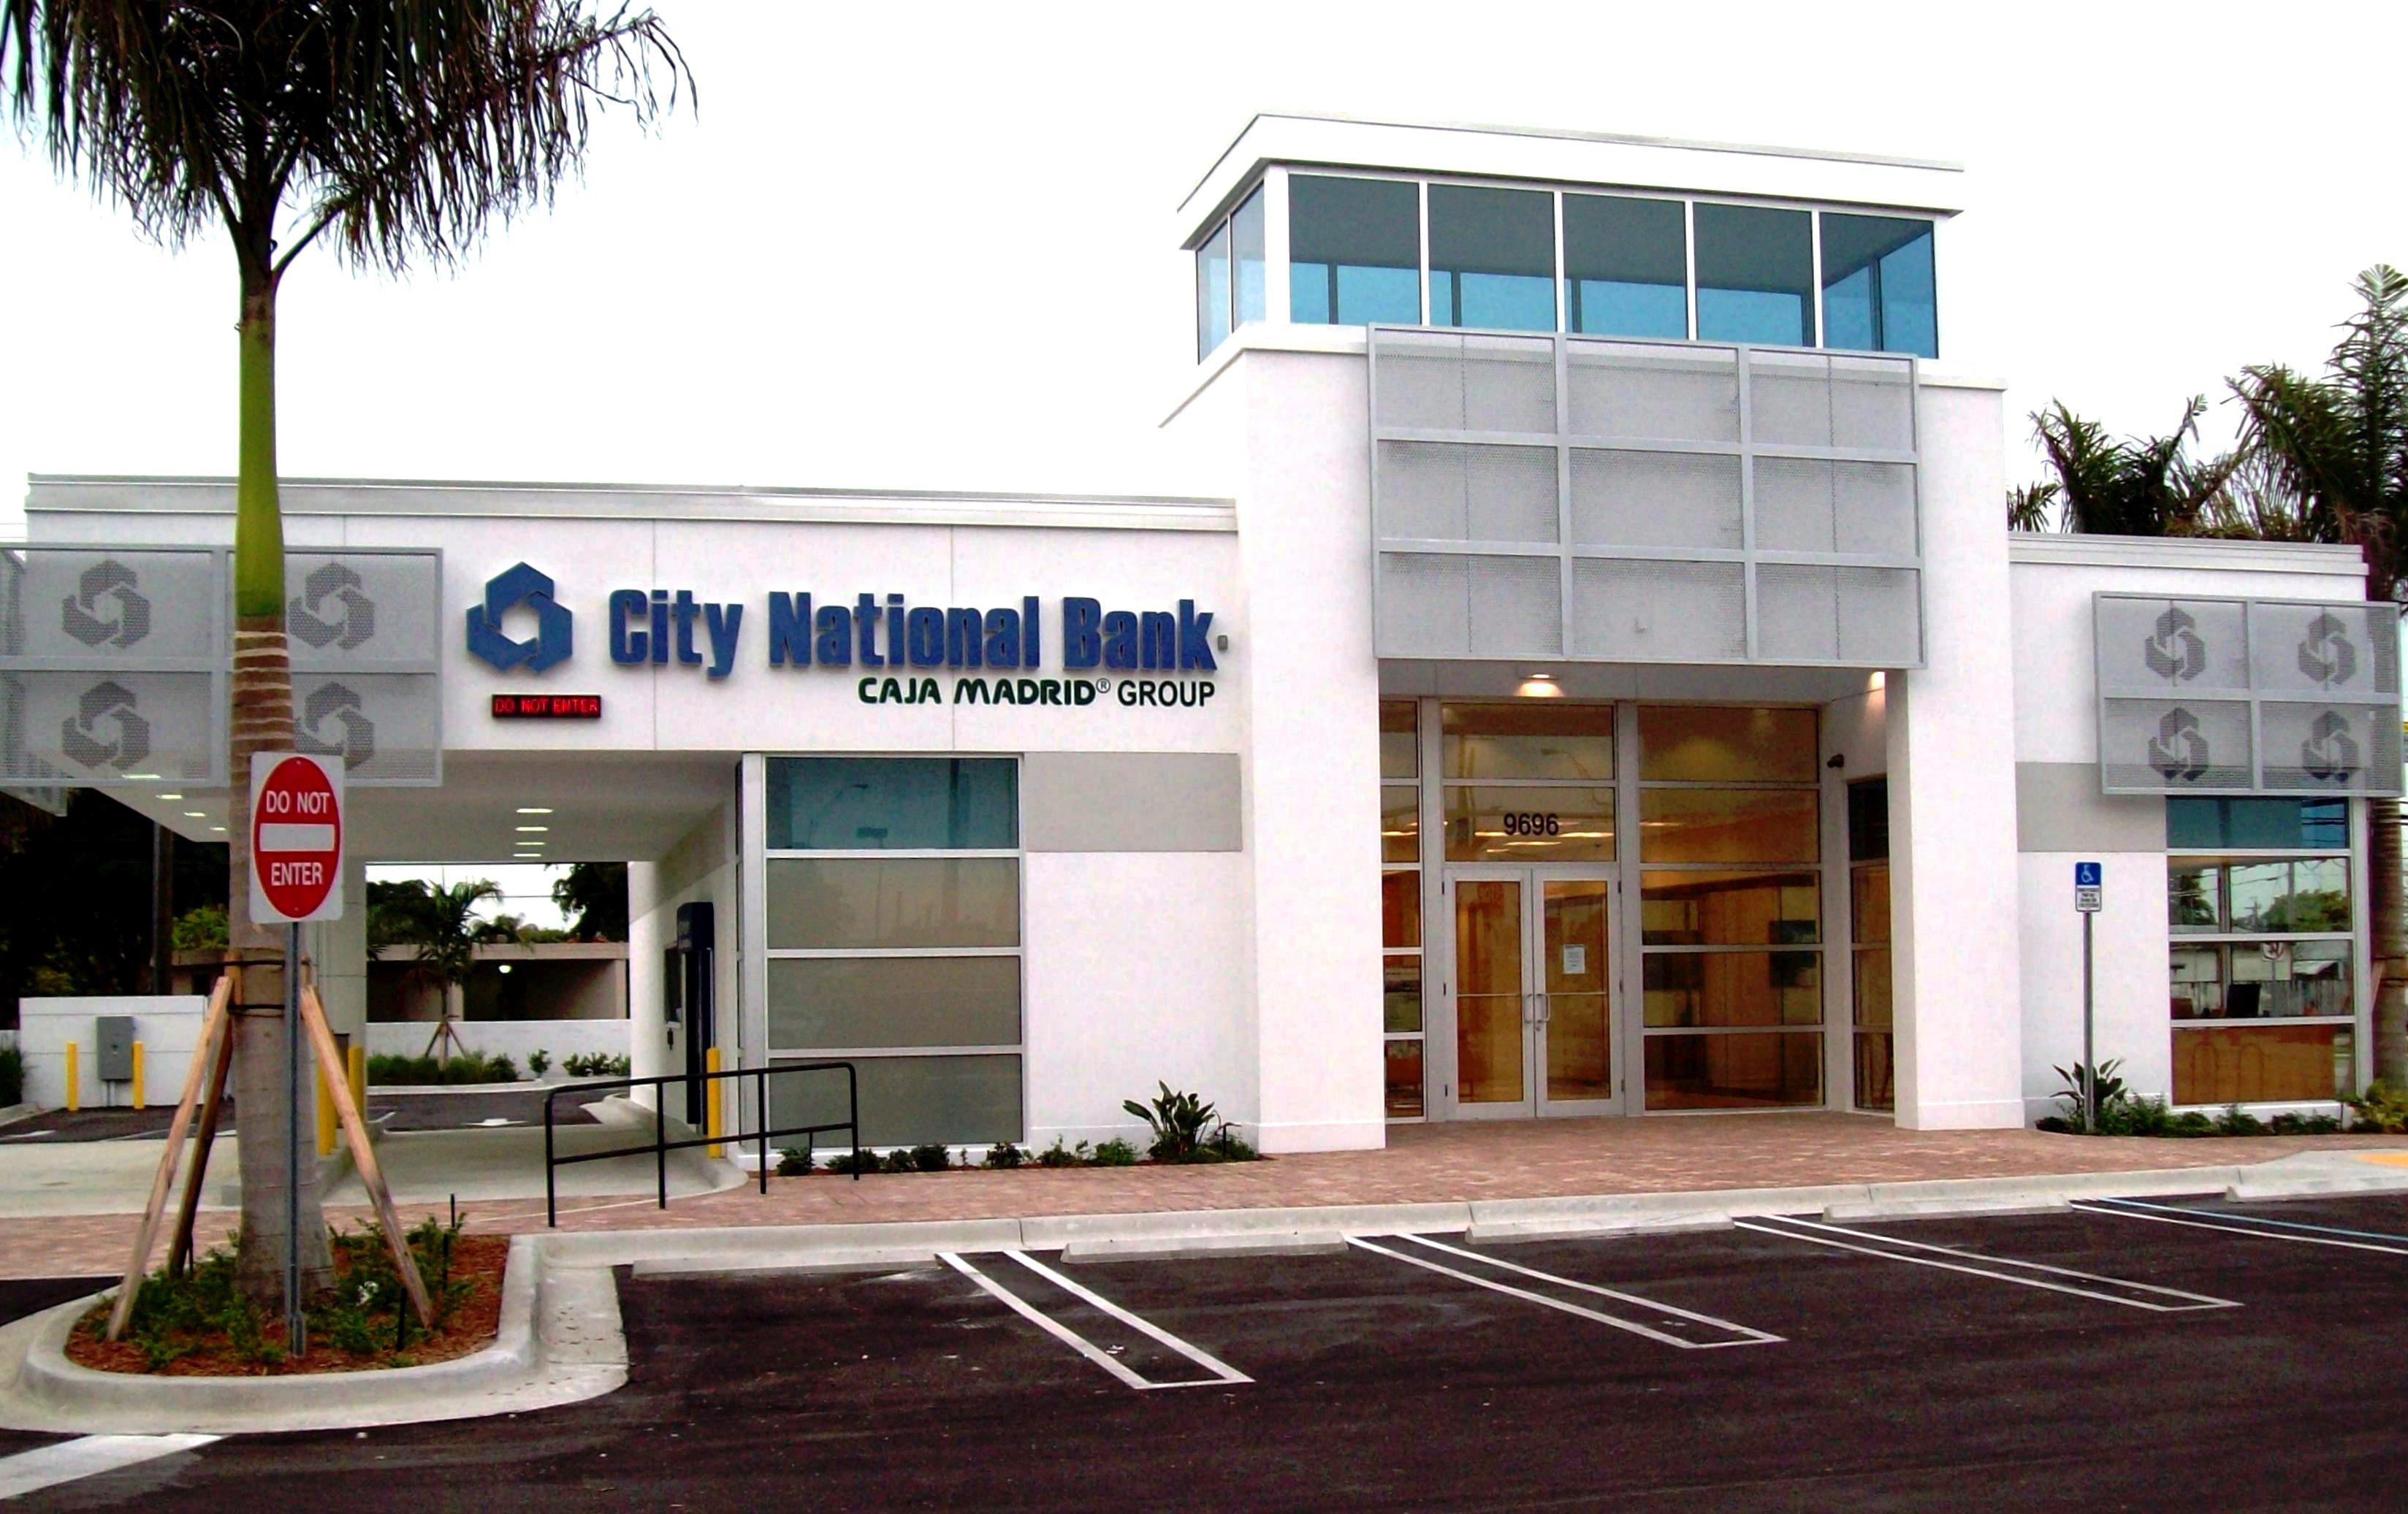 https://0201.nccdn.net/4_2/000/000/038/2d3/City-National-Bank-3296x2073.jpg